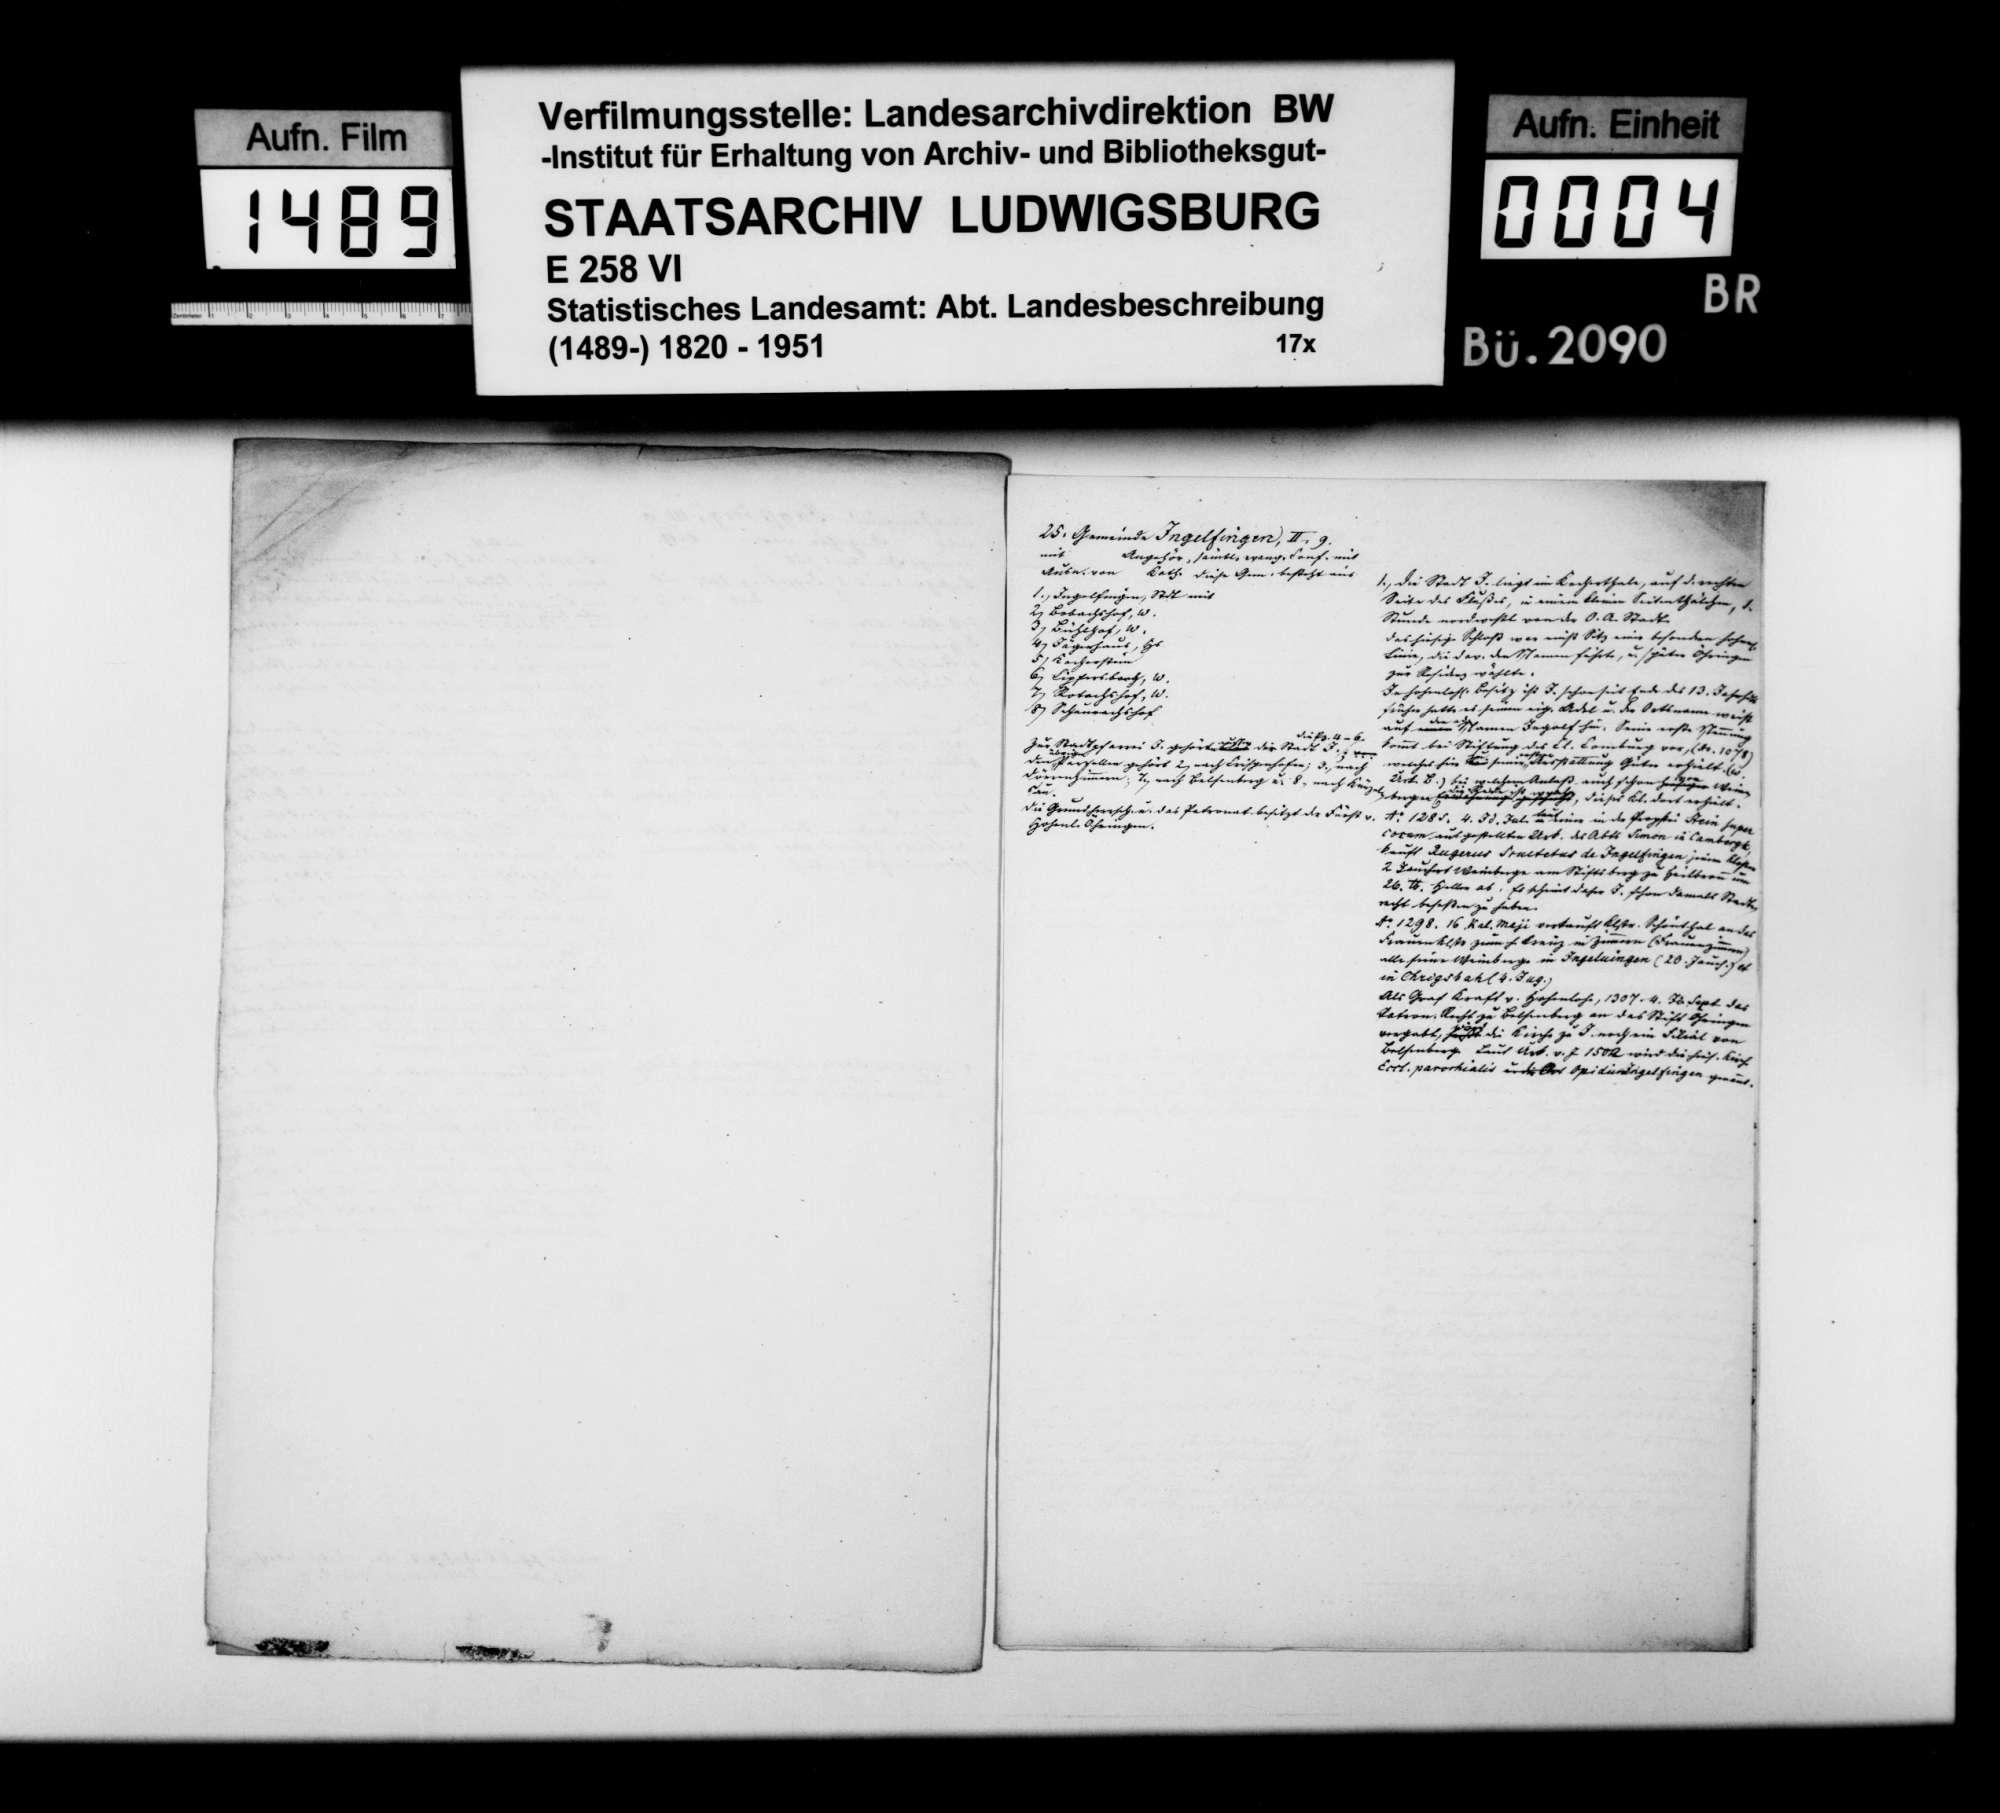 Notizen [des Trigonometers Diezel in der Kanzlei des STBs] zur Beschreibung der Gemeinden Hollenbach, Jagstberg, Ingelfingen und Niedernhall, Bild 3